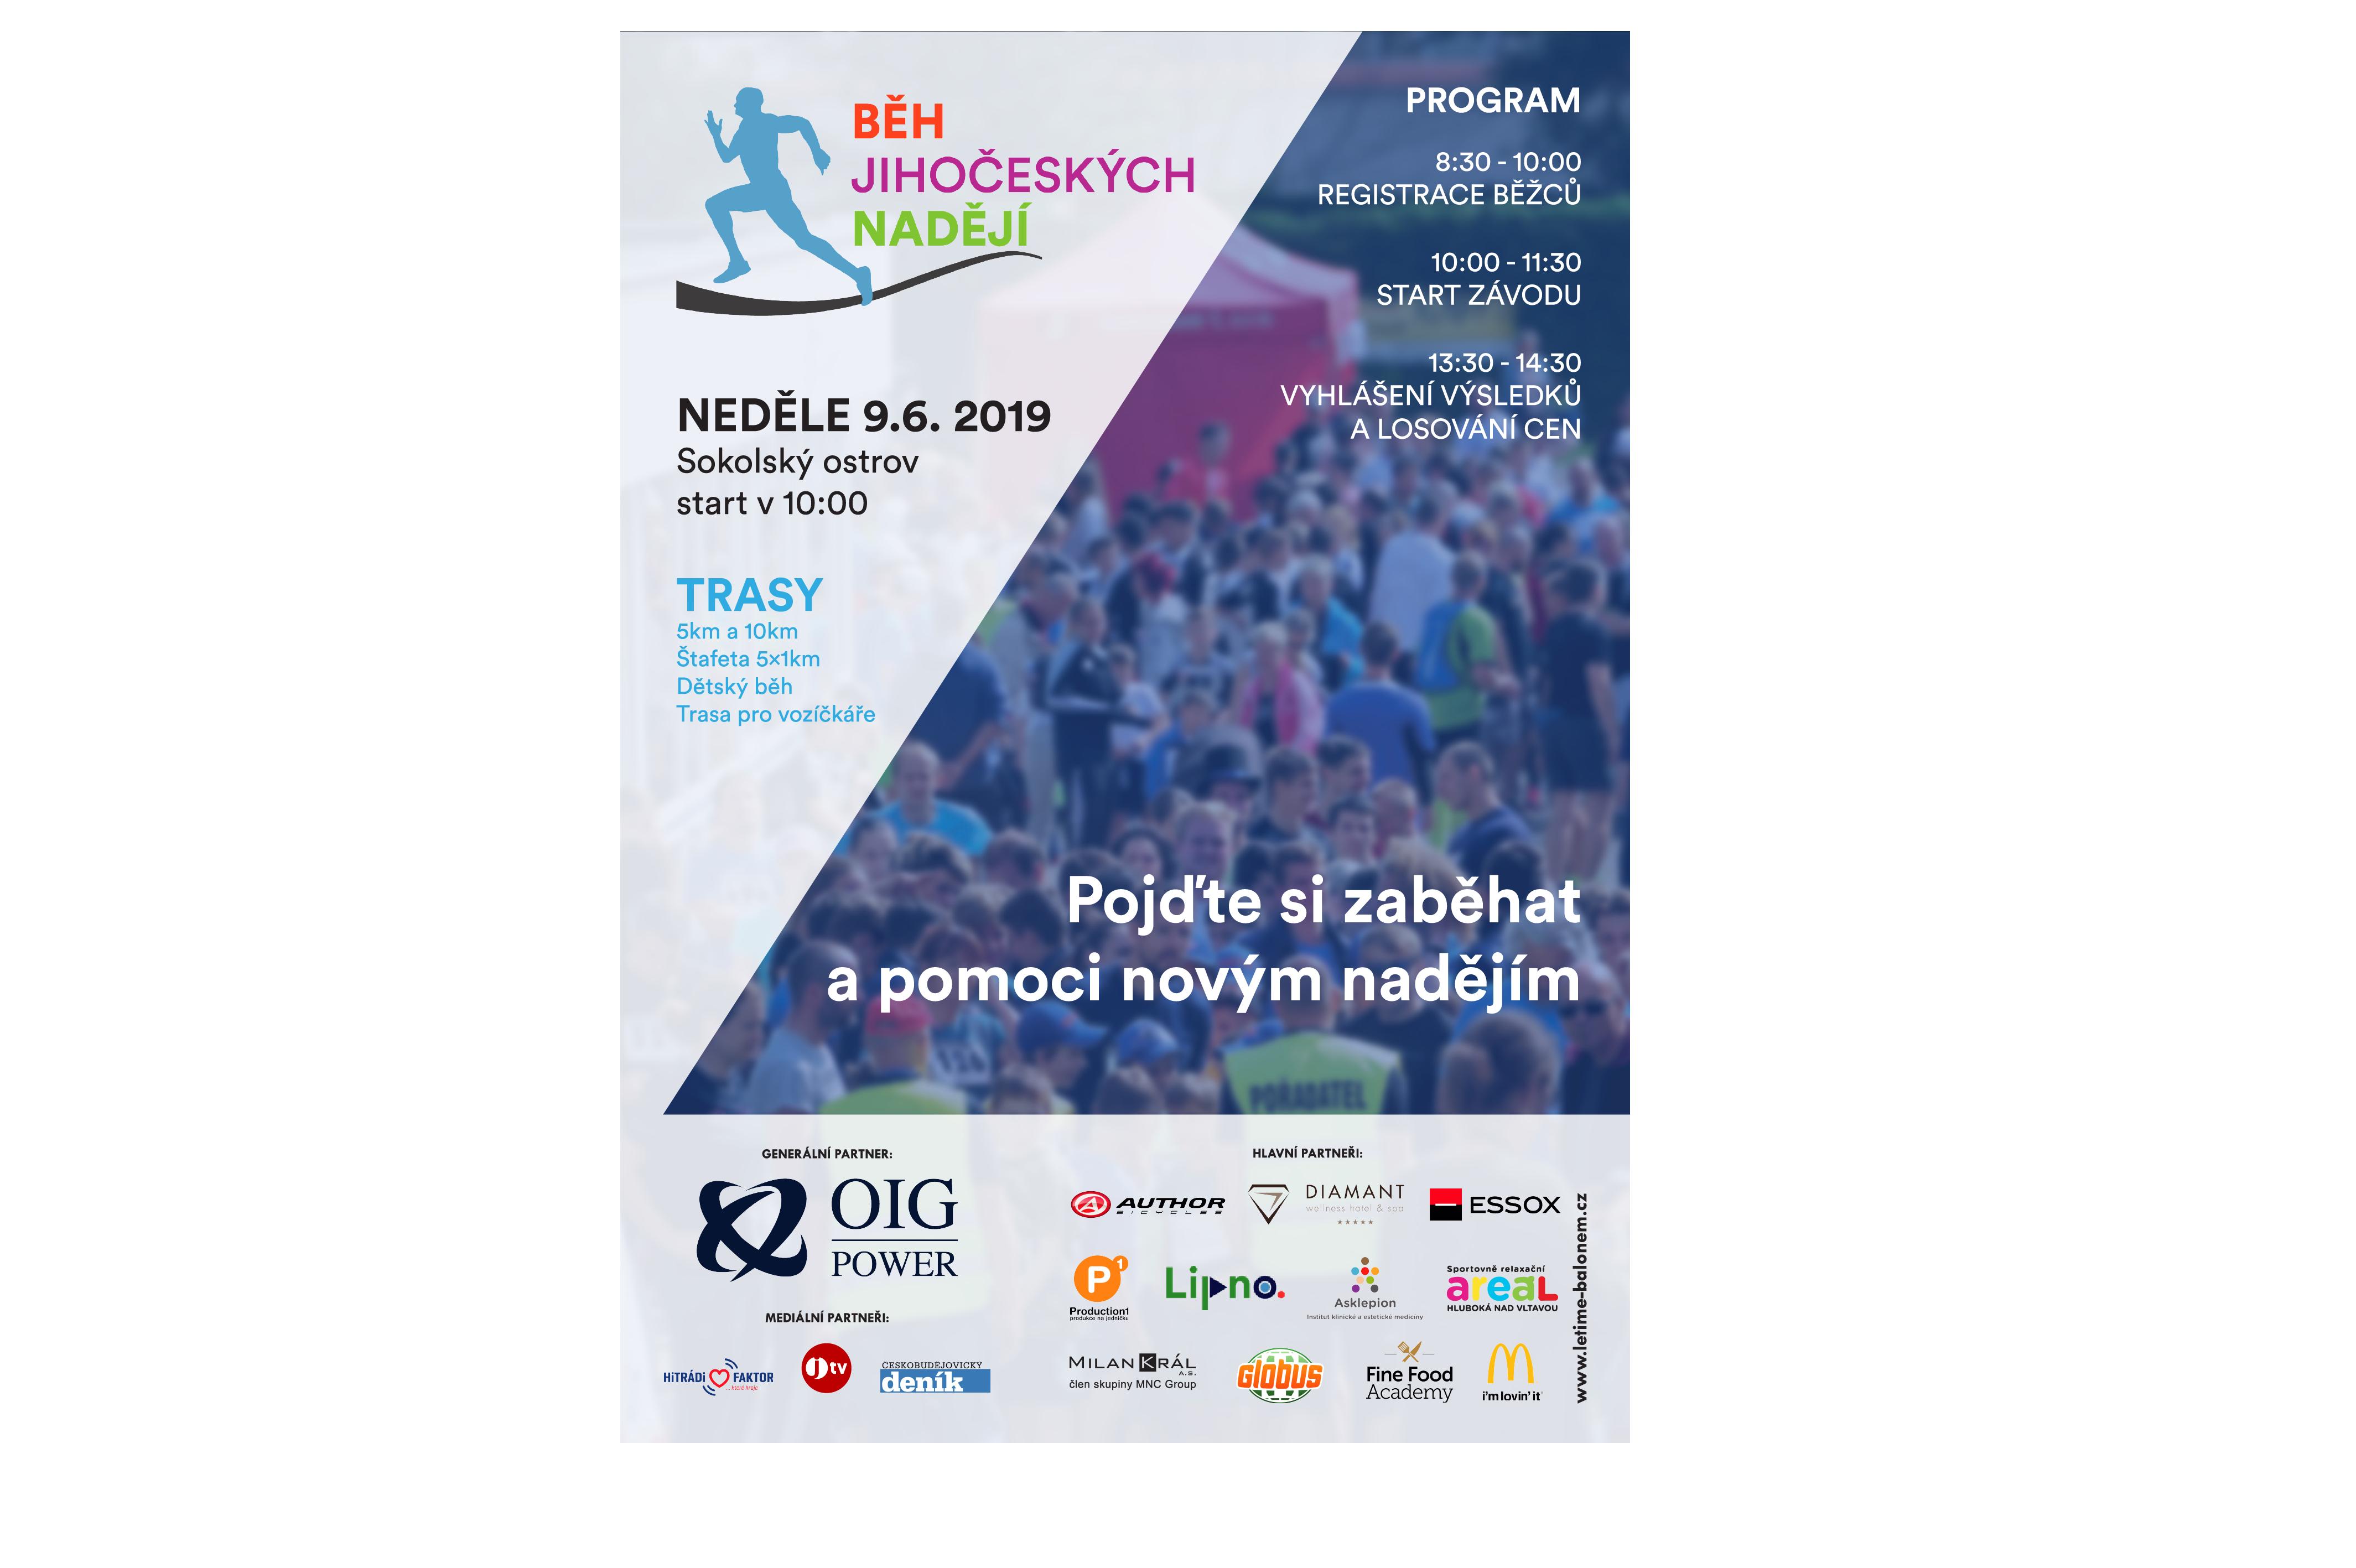 59b3eb0ba Start je naplánován na 10:00, před tím budou probíhat registrace běžců.  Registrovat do závodu se můžete zde, více informací přinášíme na přiloženém  plakátu.